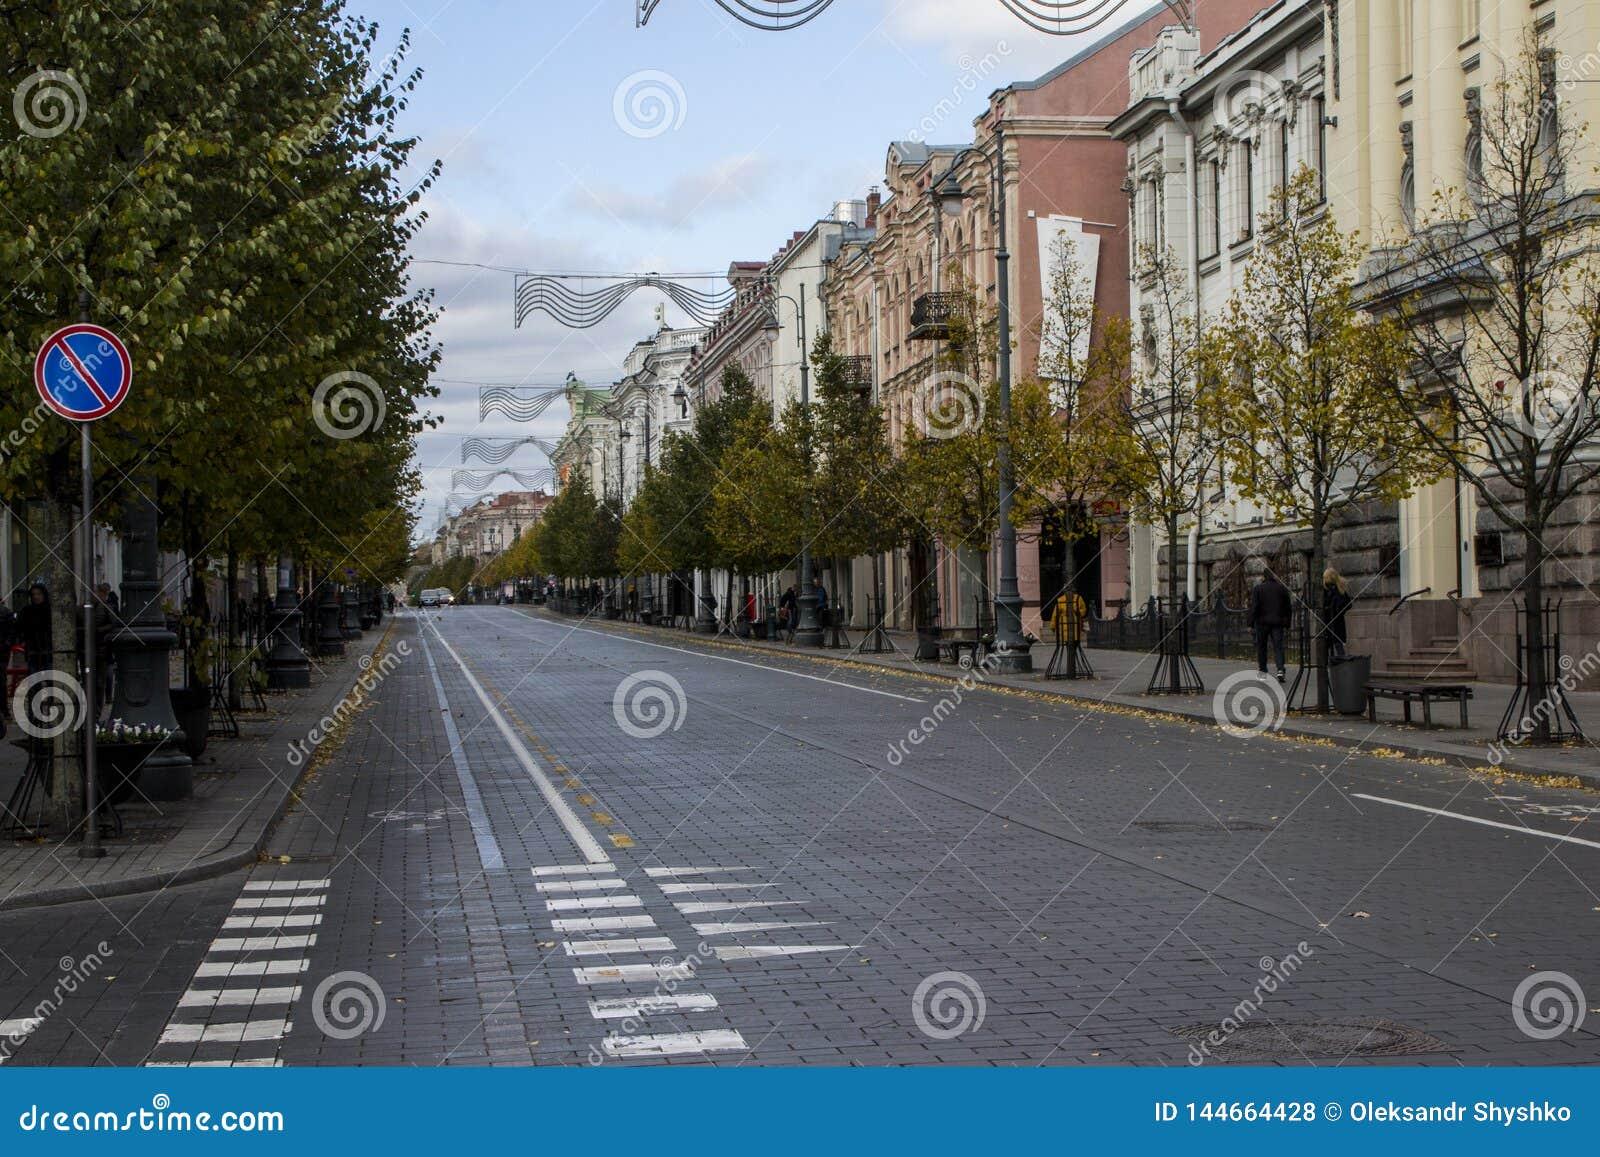 Die Gediminas-Allee in Vilnius litauen